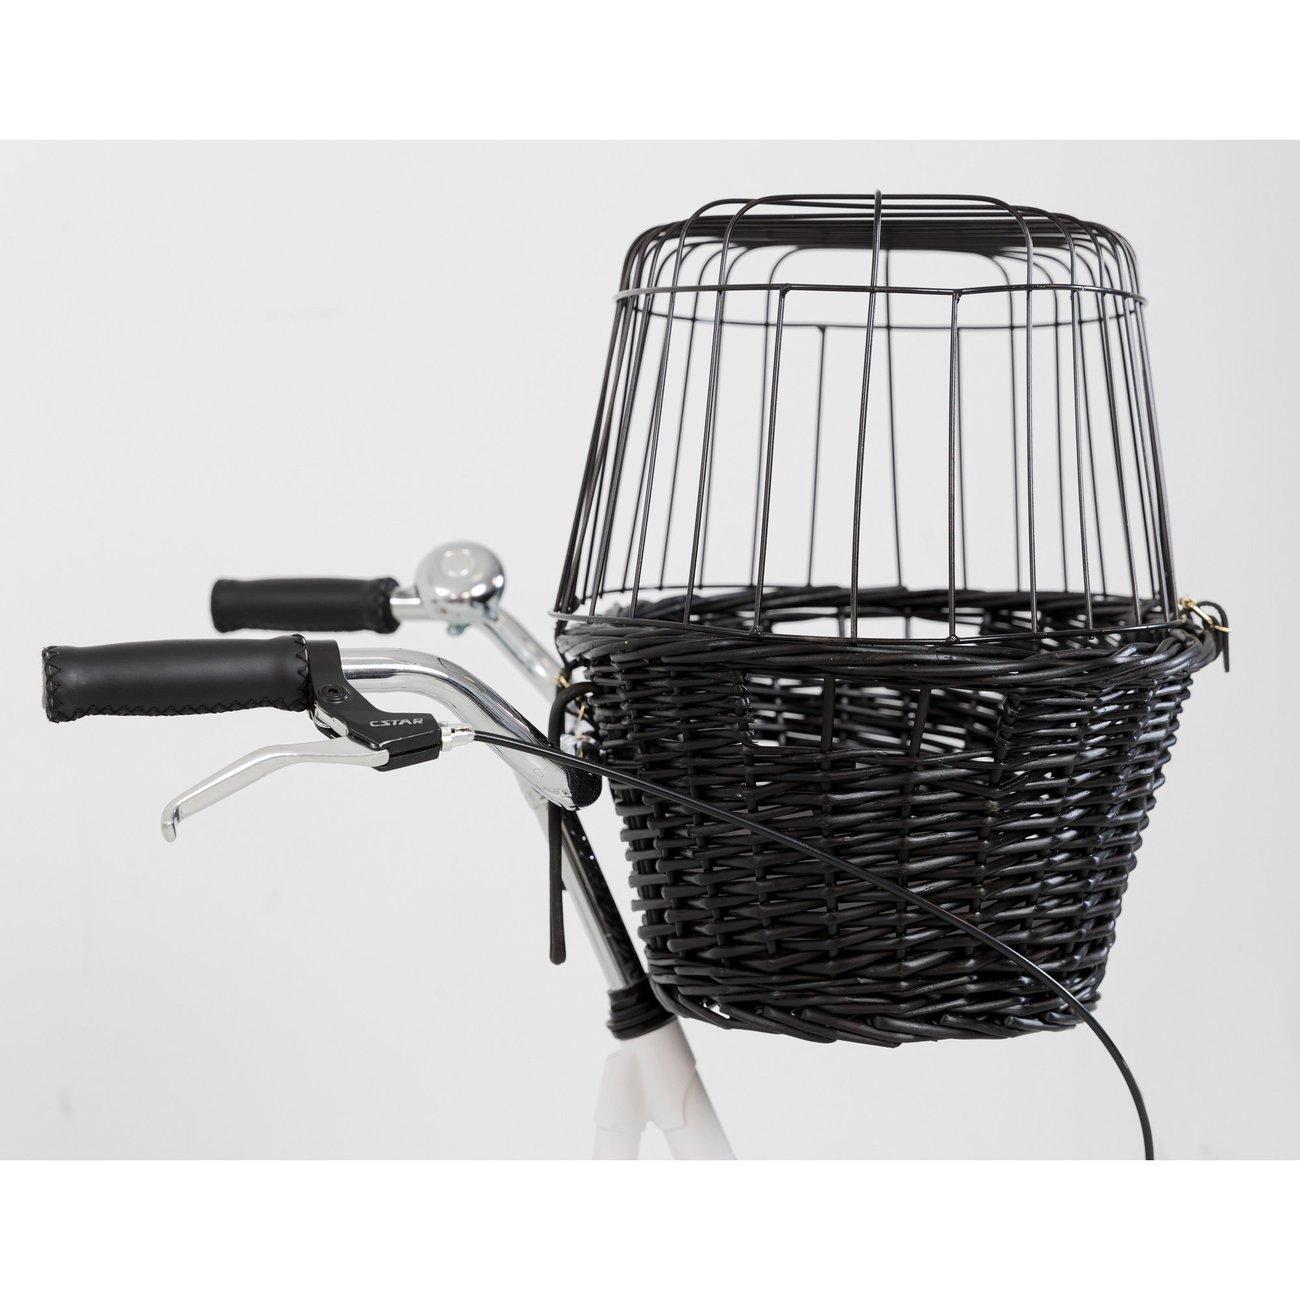 TRIXIE Fahrradkorb mit Gitter, schwarz 2818, Bild 11